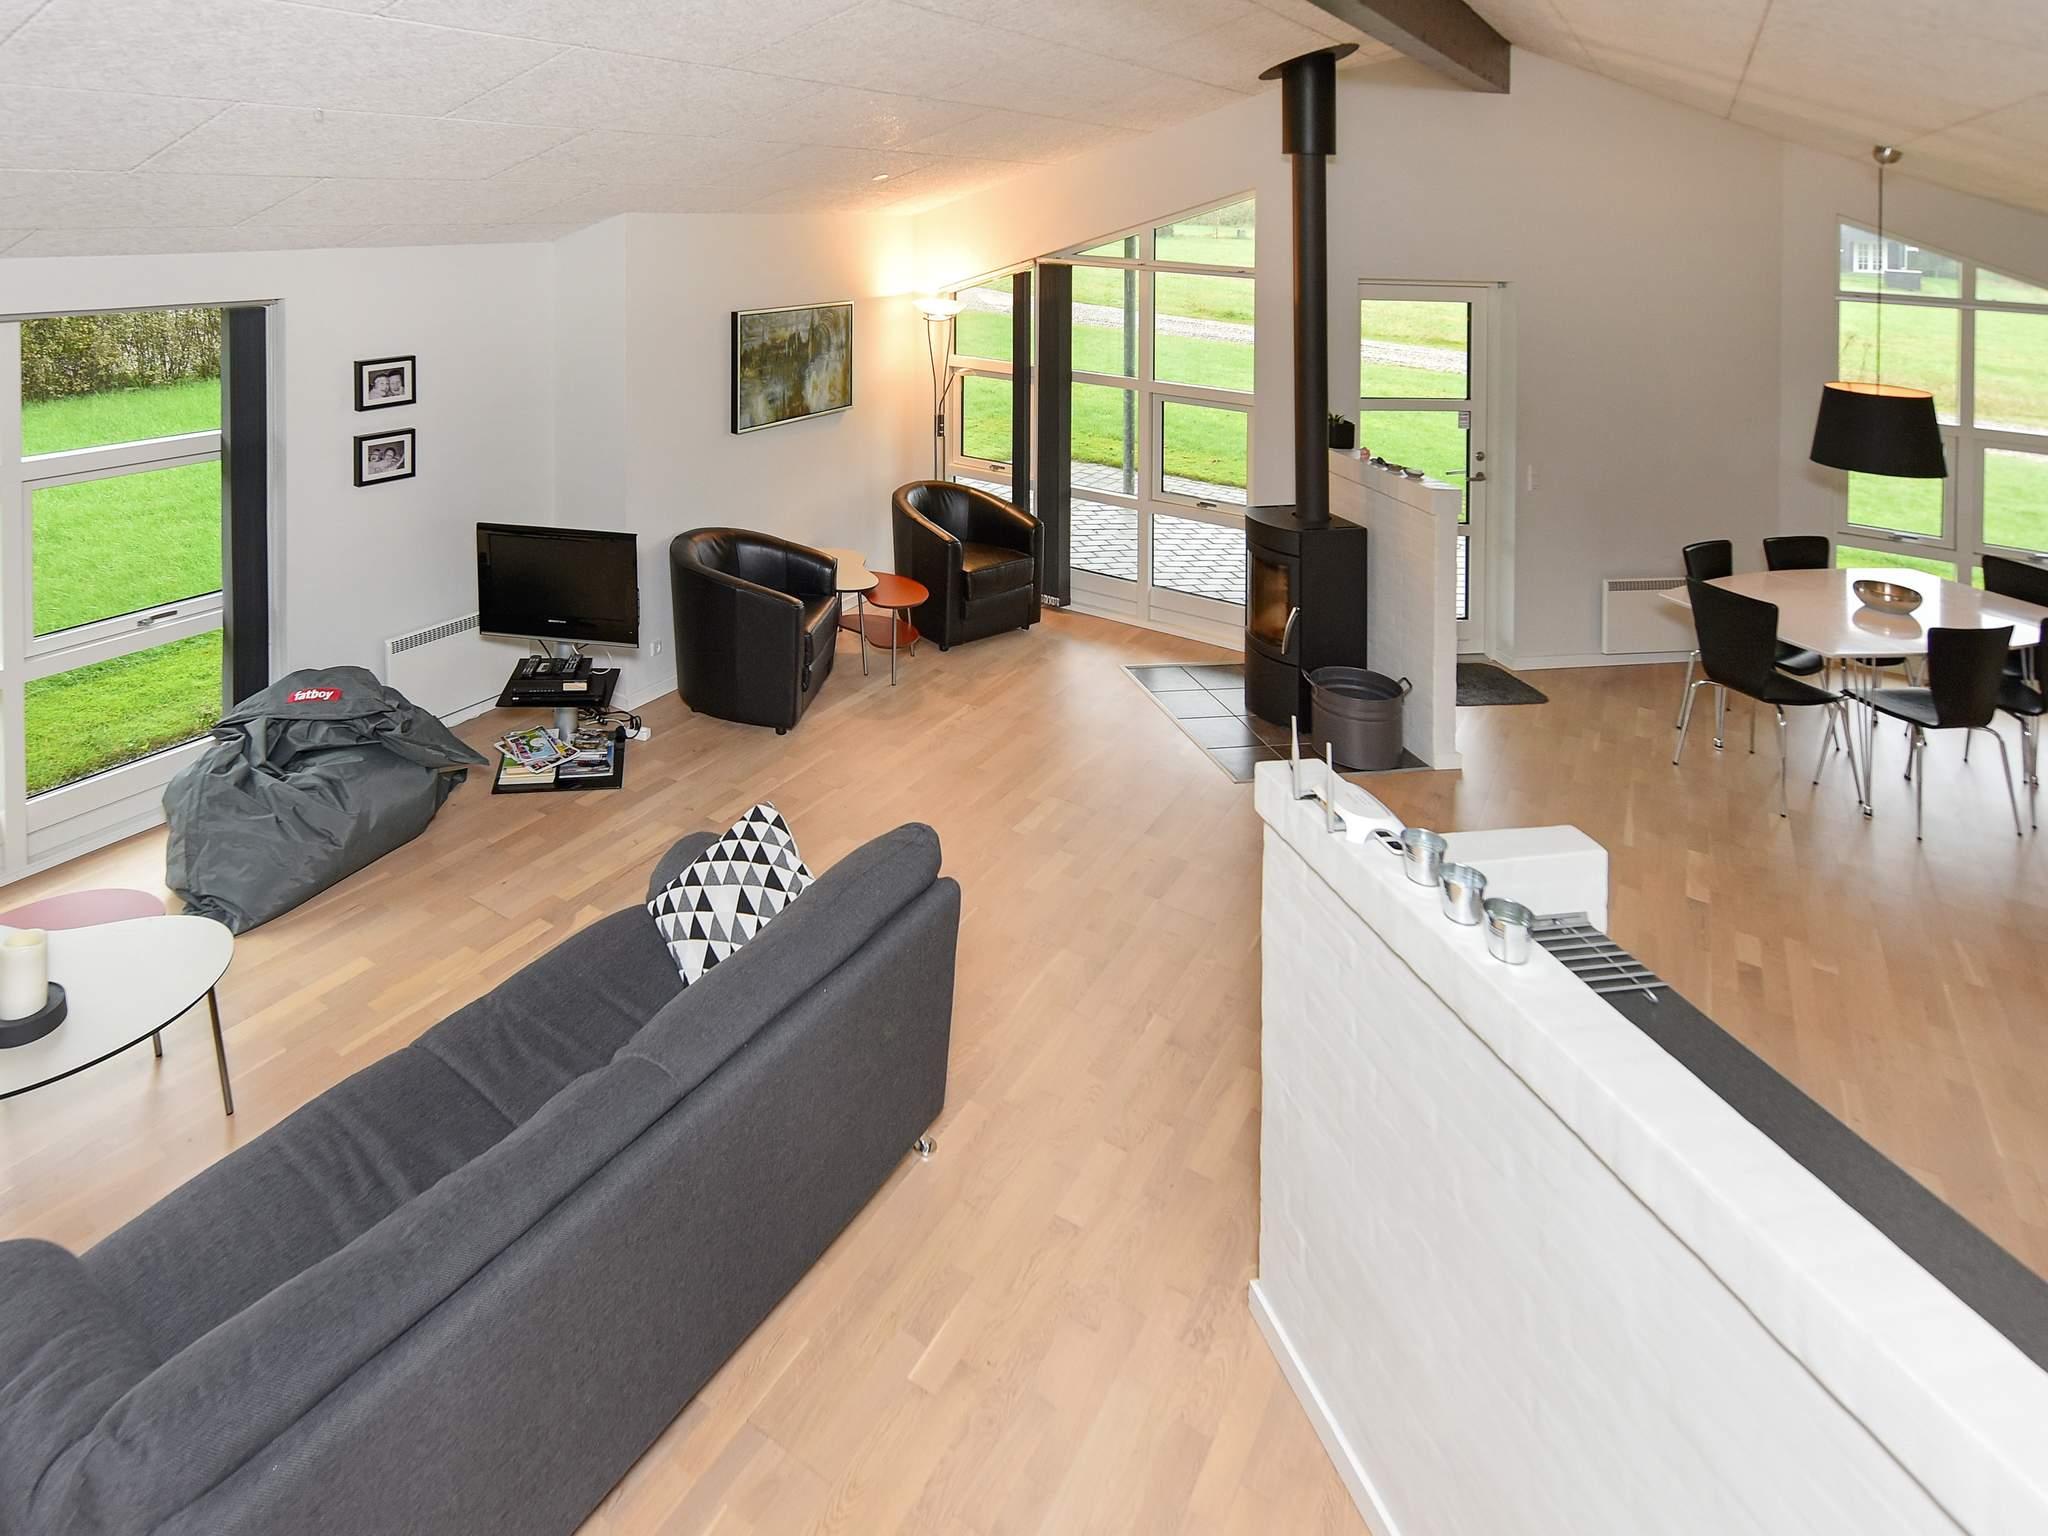 Ferienhaus Hovborg (404746), Hovborg, , Südjütland, Dänemark, Bild 9